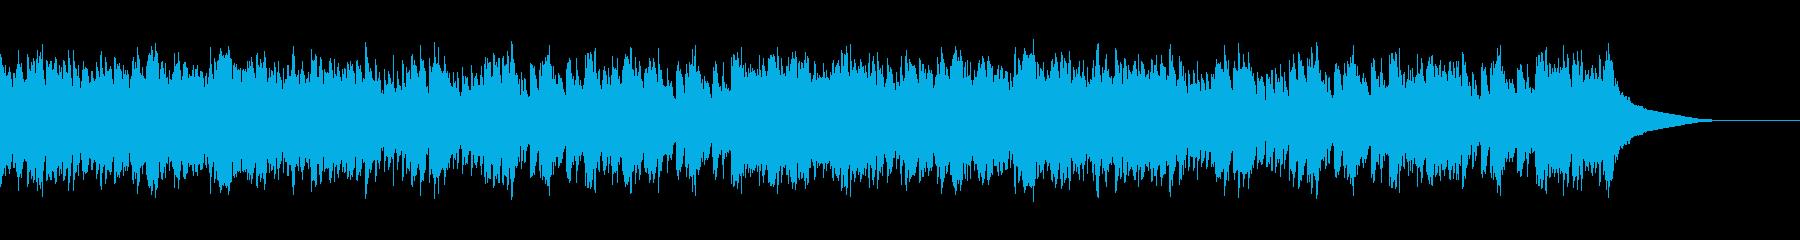 穏やかなパズルゲームのタイトル画面の再生済みの波形